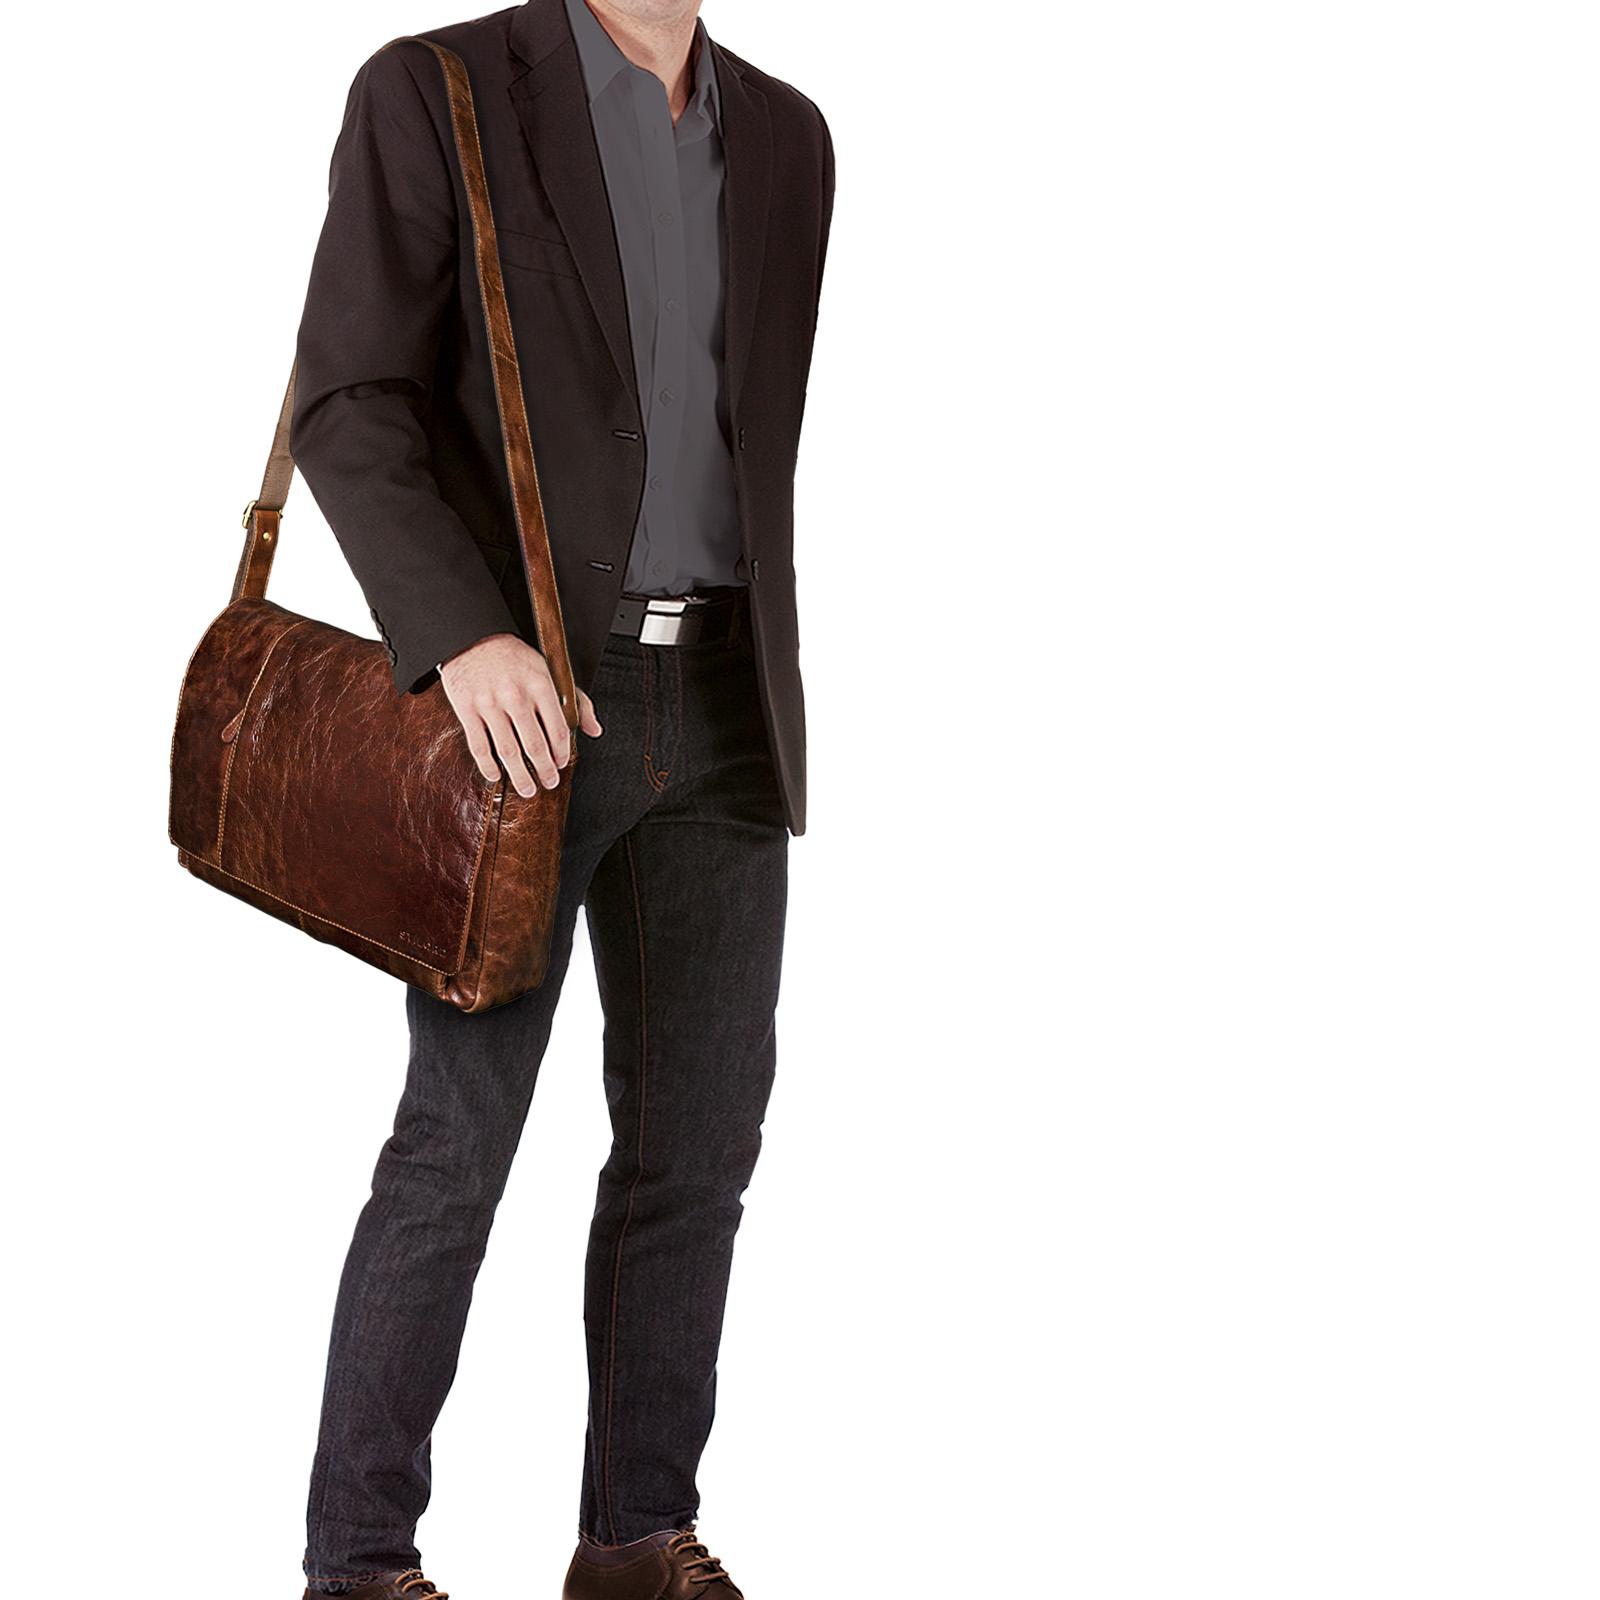 """STILORD B-WARE """"Elias"""" Businesstasche mit Laptopfach 15,6 Zoll Umhängetasche Herren Damen Aktentasche Unitasche Bürotasche Schultertasche Antik Leder braun - Bild 2"""